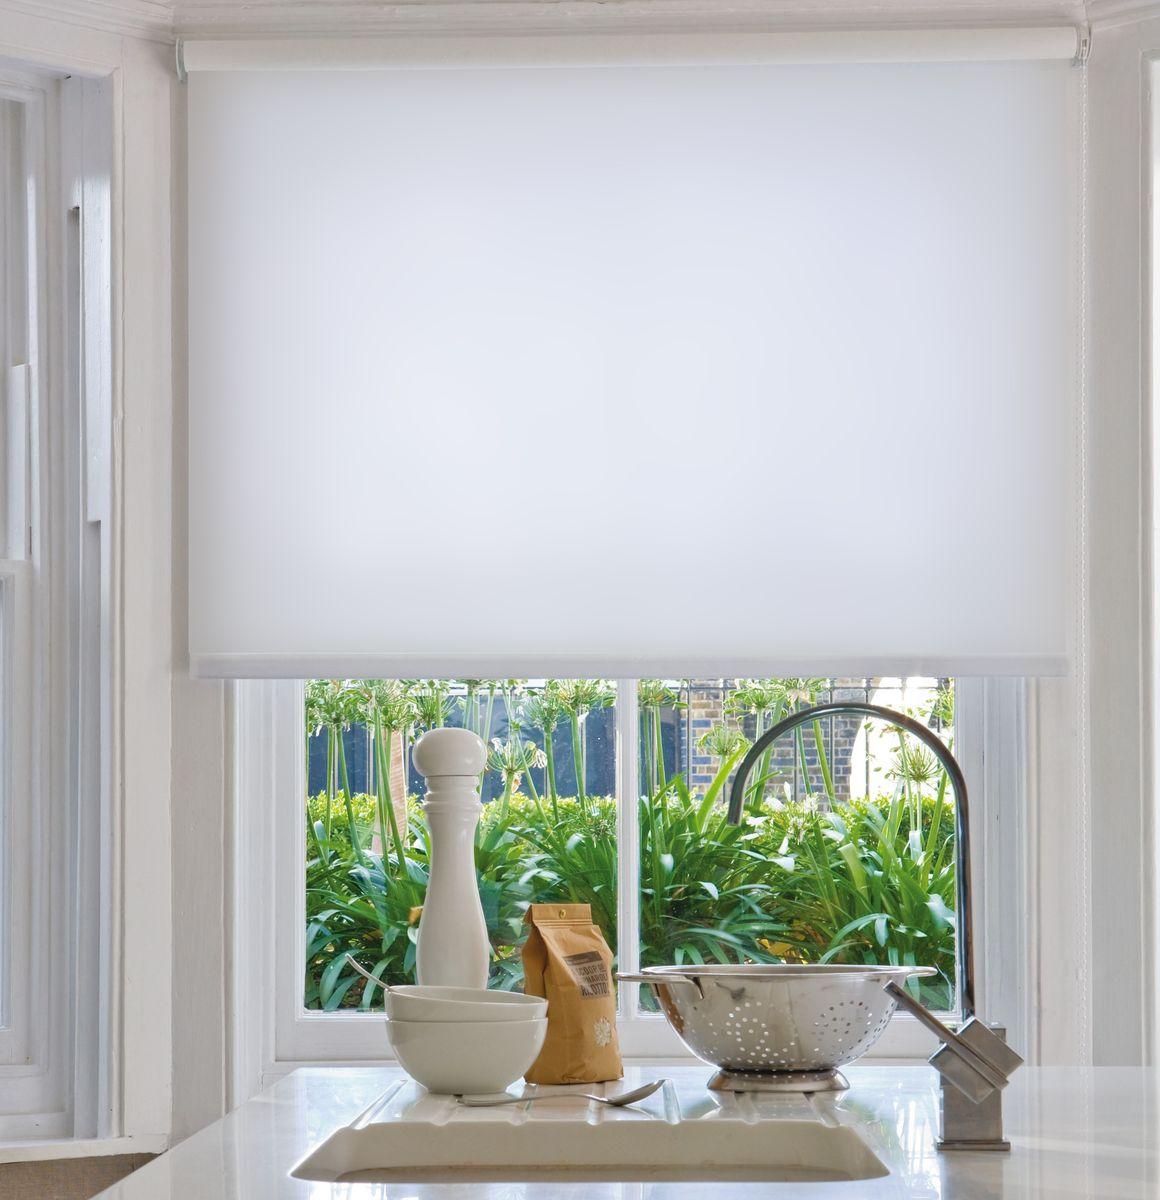 Штора рулонная Эскар Миниролло, цвет: белый, ширина 98 см, высота 170 см31008098170Рулонными шторами можно оформлять окна как самостоятельно, так и использовать в комбинации с портьерами. Это поможет предотвратить выгорание дорогой ткани на солнце и соединит функционал рулонных с красотой навесных. Преимущества применения рулонных штор для пластиковых окон: - имеют прекрасный внешний вид: многообразие и фактурность материала изделия отлично смотрятся в любом интерьере;- многофункциональны: есть возможность подобрать шторы способные эффективно защитить комнату от солнца, при этом она не будет слишком темной. - Есть возможность осуществить быстрый монтаж.ВНИМАНИЕ! Размеры ширины изделия указаны по ширине ткани! Во время эксплуатации не рекомендуется полностью разматывать рулон, чтобы не оторвать ткань от намоточного вала. В случае загрязнения поверхности ткани, чистку шторы проводят одним из способов, в зависимости от типа загрязнения:легкое поверхностное загрязнение можно удалить при помощи канцелярского ластика;чистка от пыли производится сухим методом при помощи пылесоса с мягкой щеткой-насадкой;для удаления пятна используйте мягкую губку с пенообразующим неагрессивным моющим средством или пятновыводитель на натуральной основе (нельзя применять растворители).